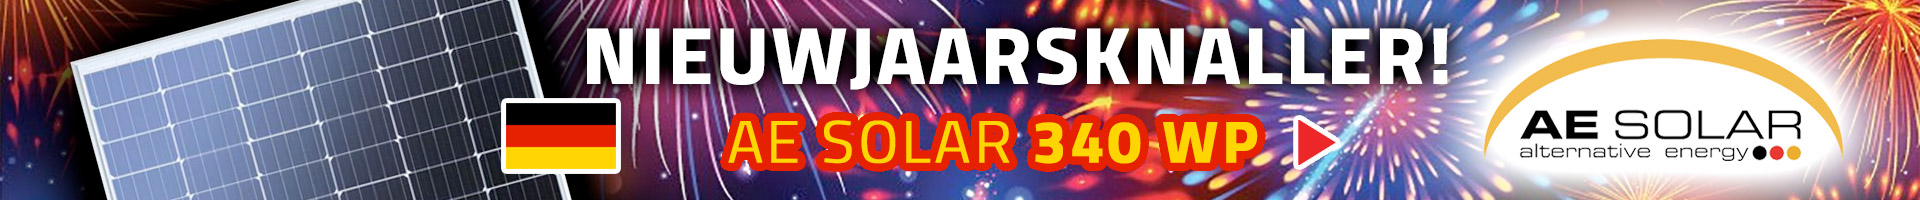 AE Solar 340 WP nieuwjaarsknaller bij zonnepanelenonlinekopen.nl